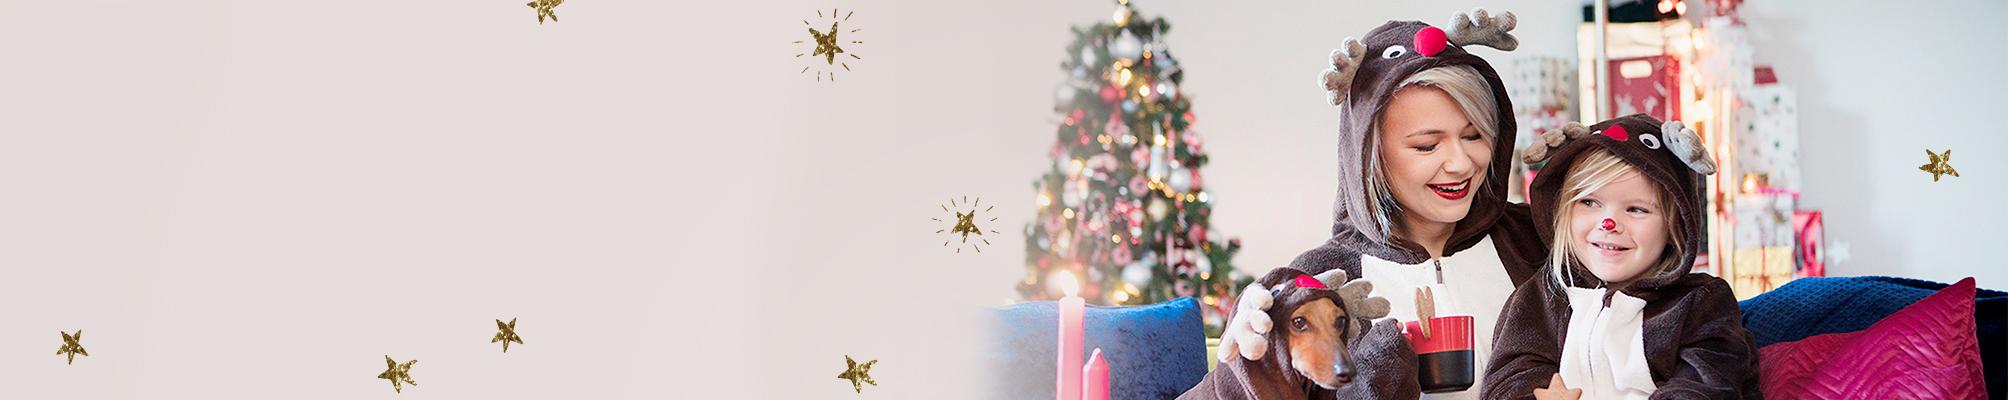 kerstkleding - Herobanner - HEMA